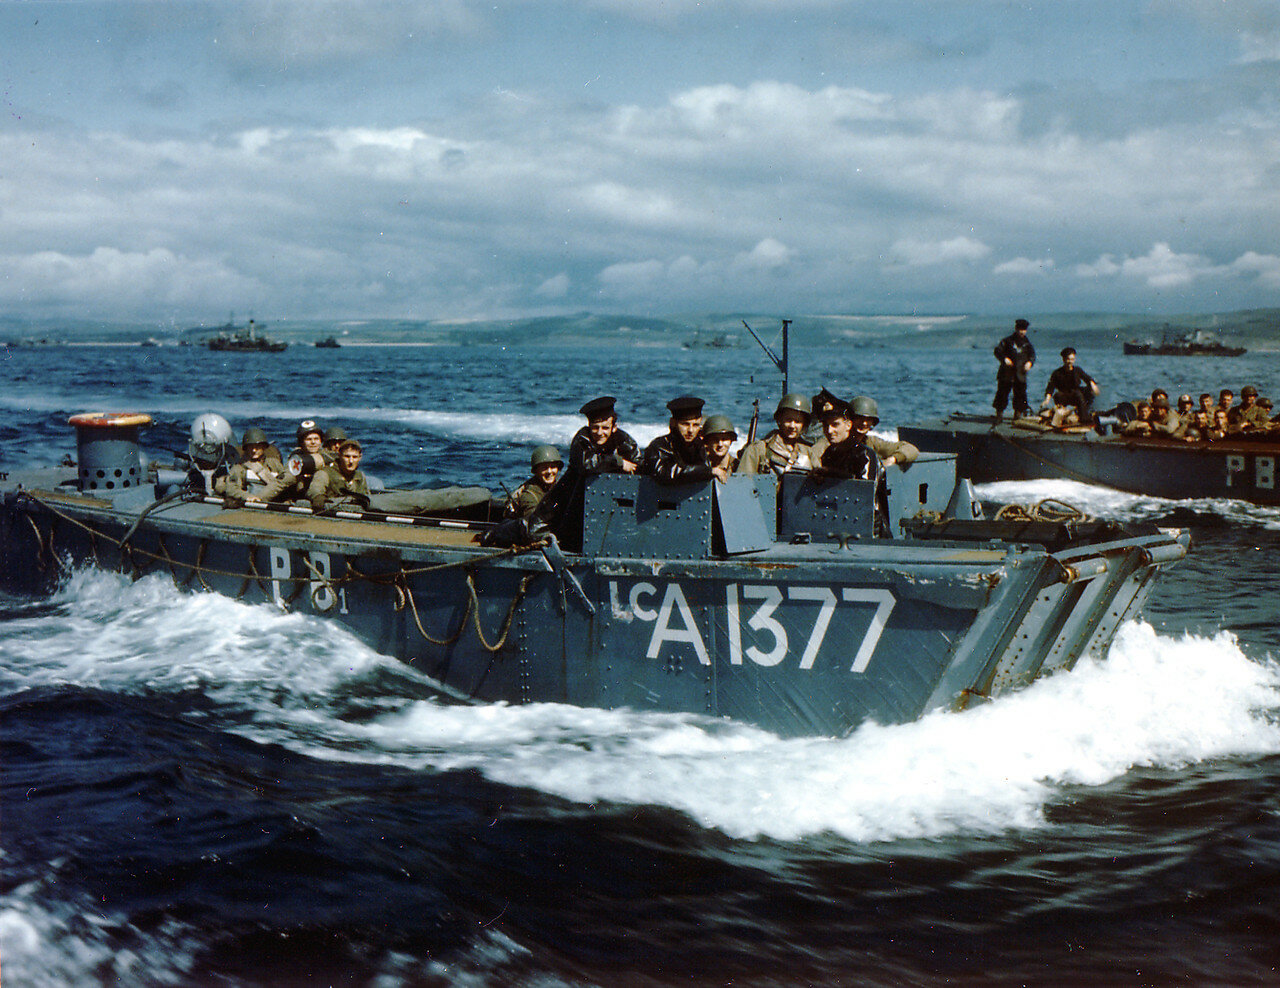 13. Операция Оверлорд. Английский десантный катер LCA доставляет войска на десантный корабль перед высадкой в Нормандии